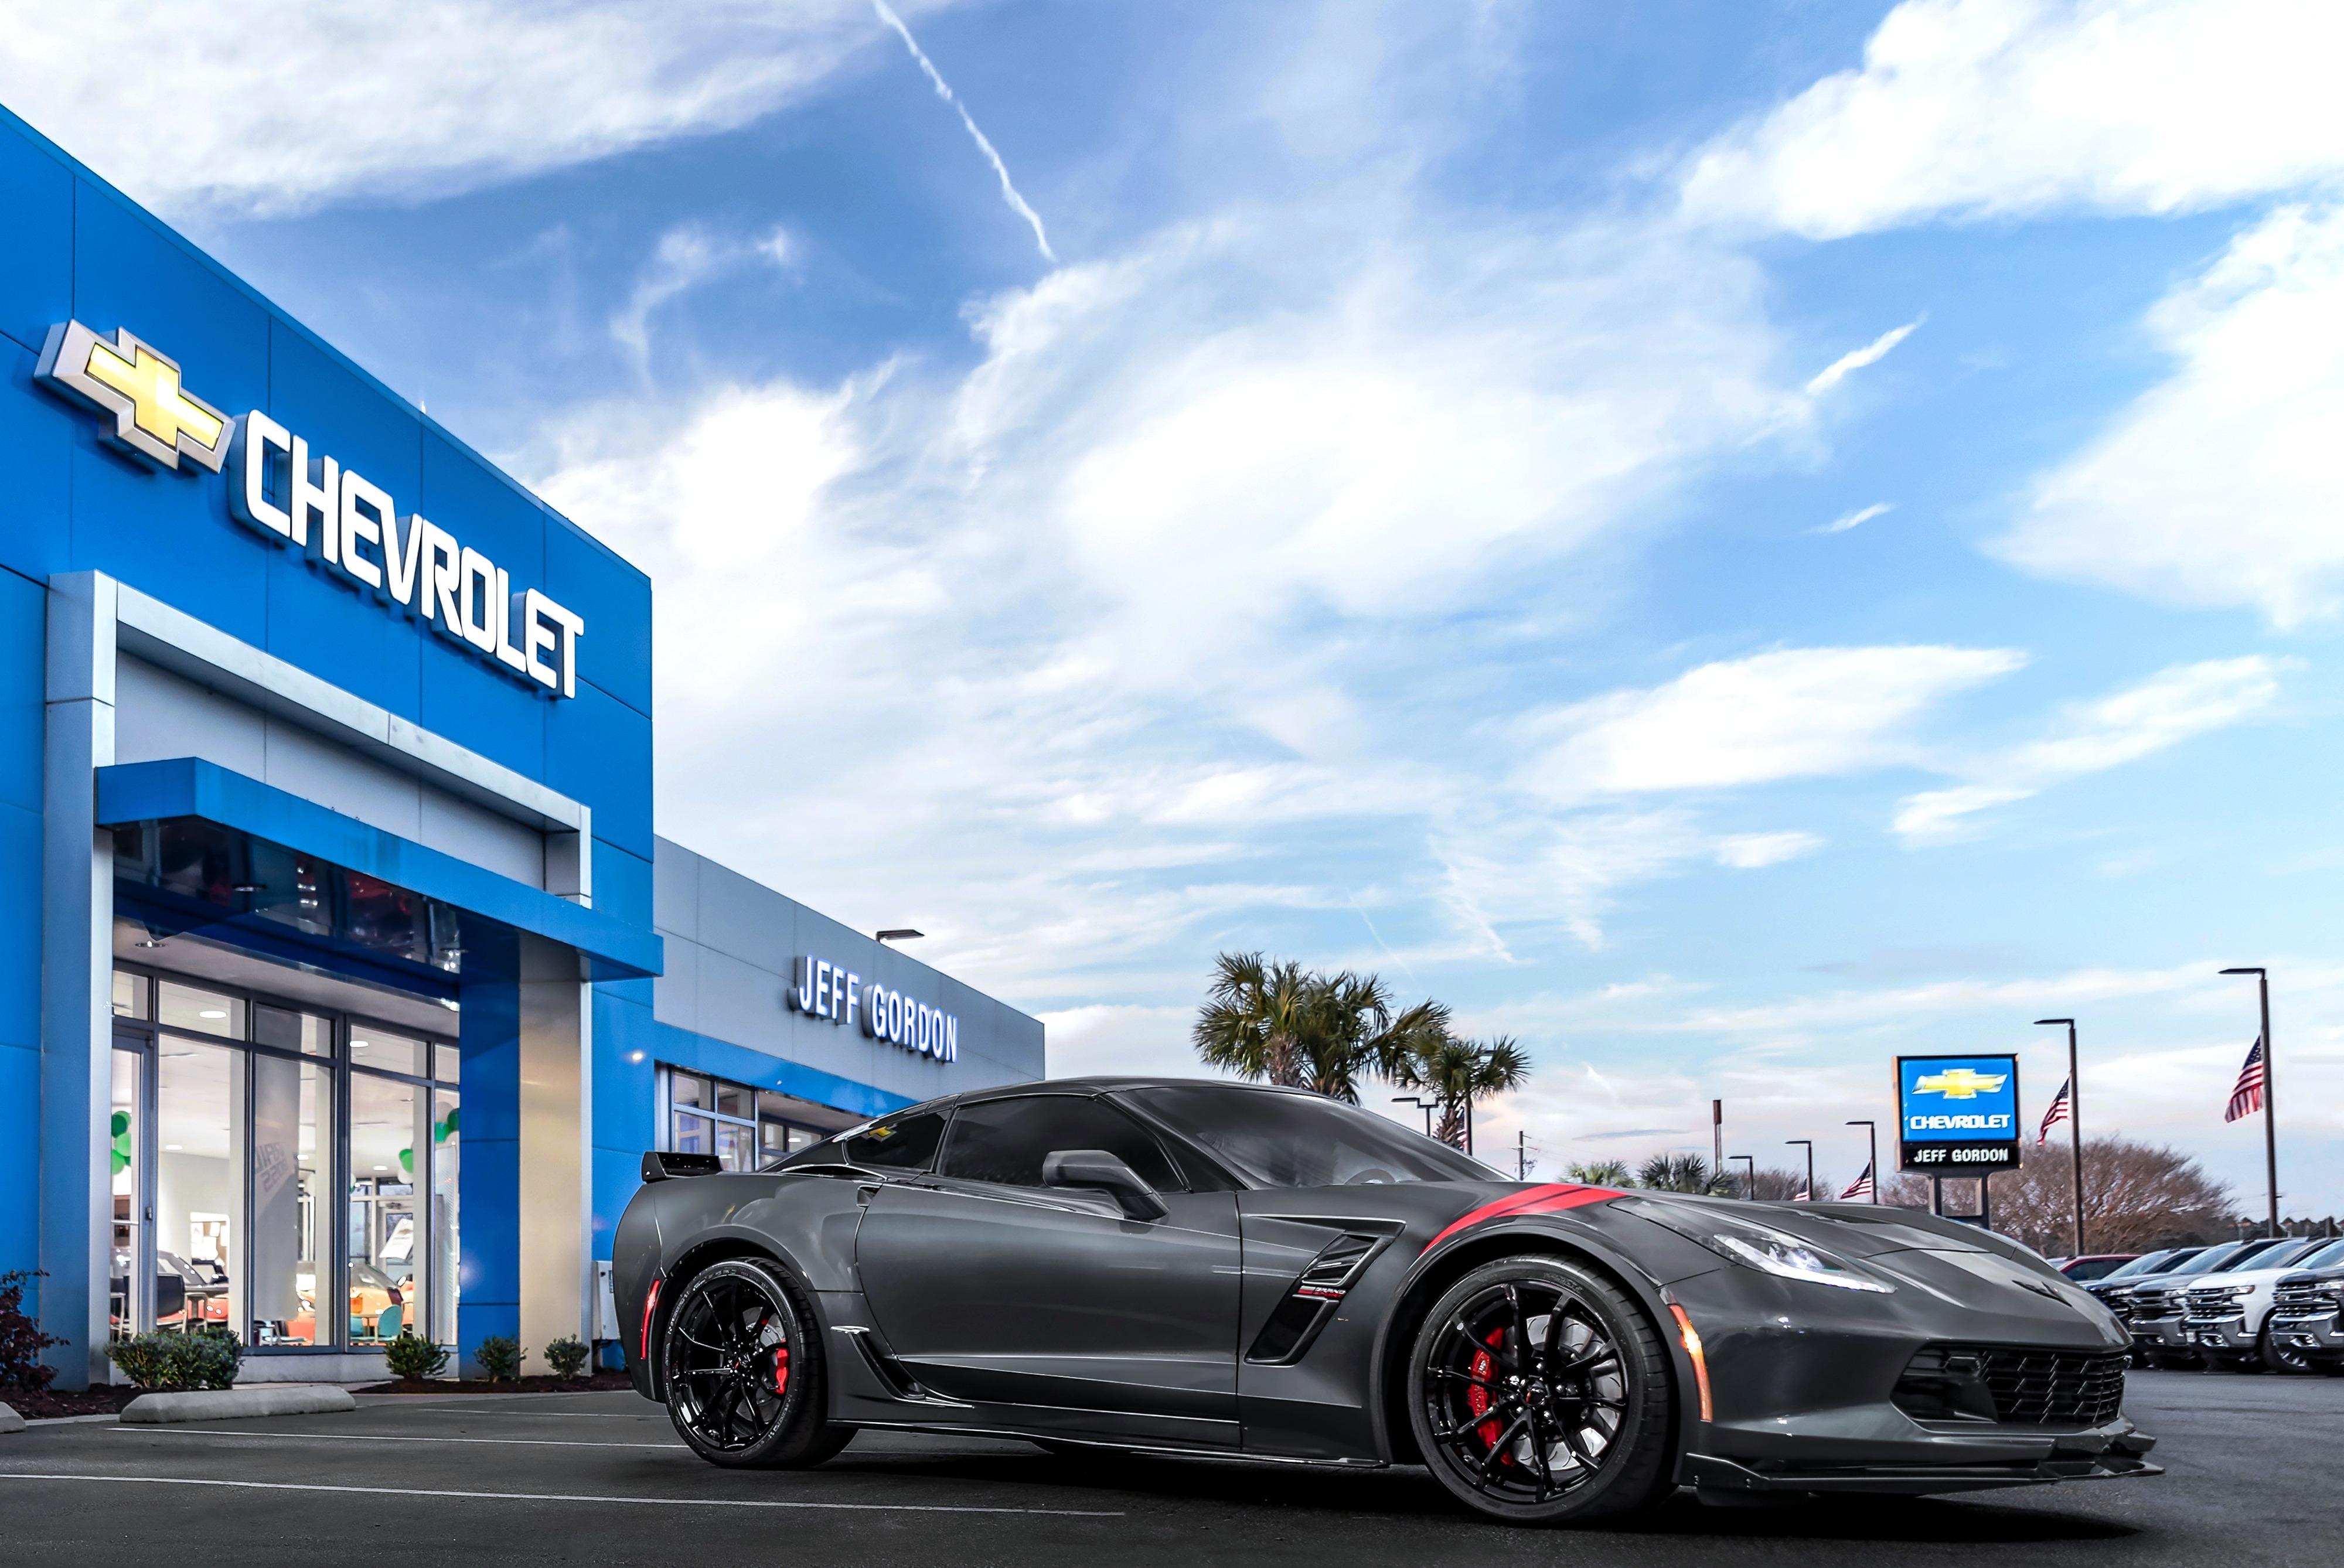 You could win Jeff Gordon's personal Corvette | Hendrick